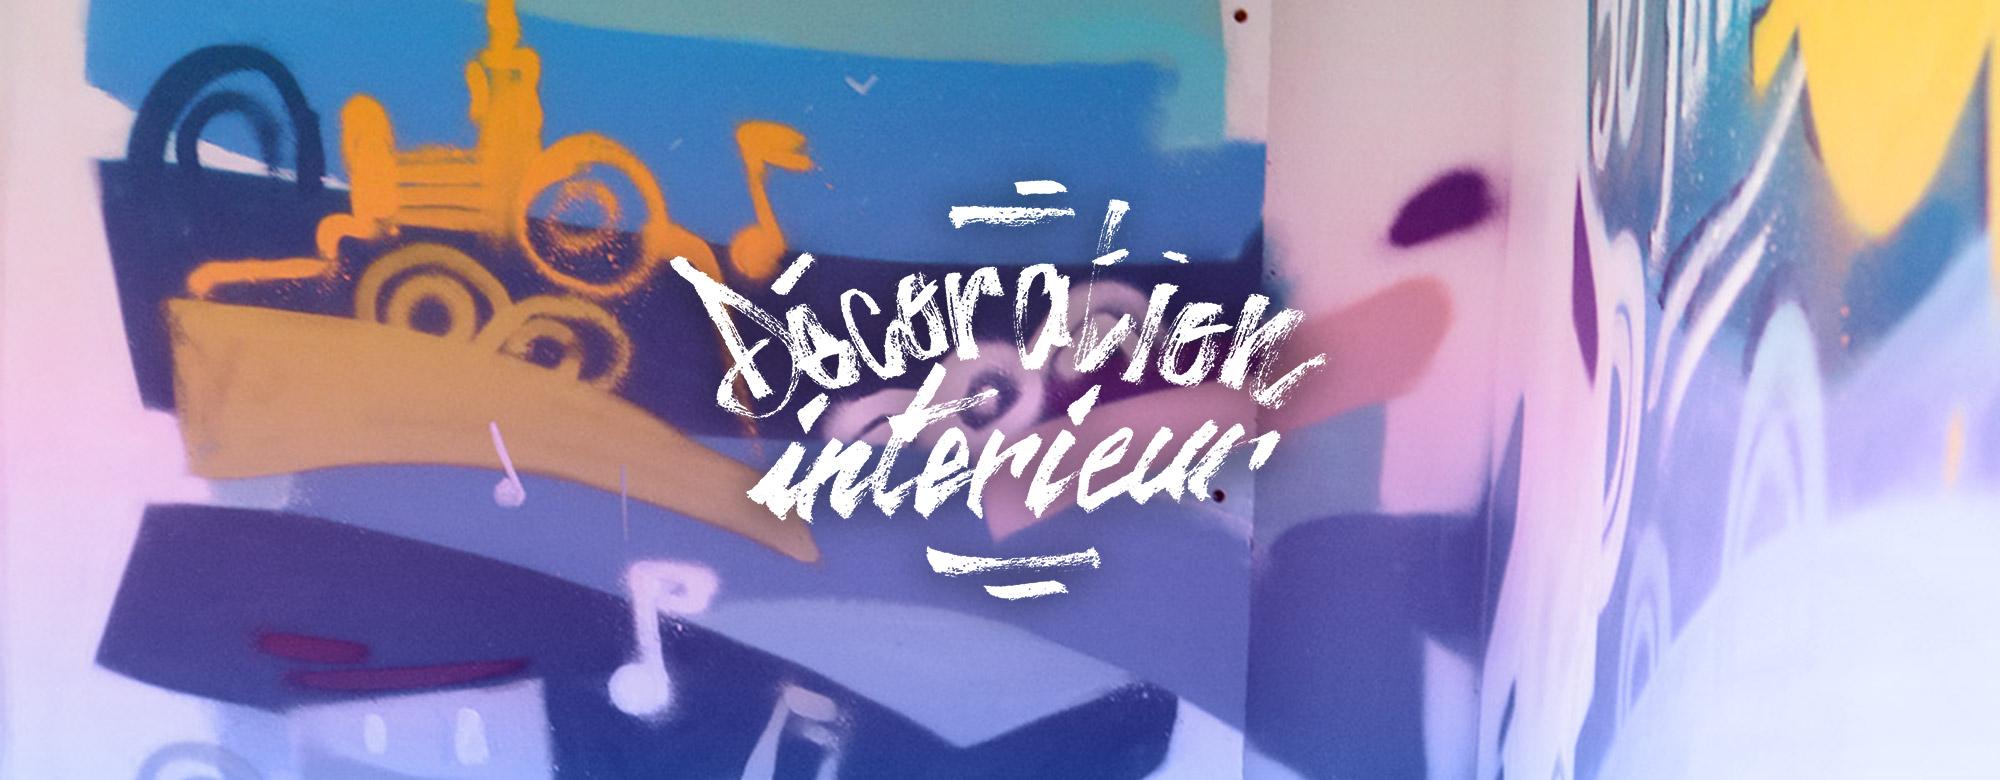 Peinture décoration pour un intérieur moderne en graffiti par le graffeur Enkage